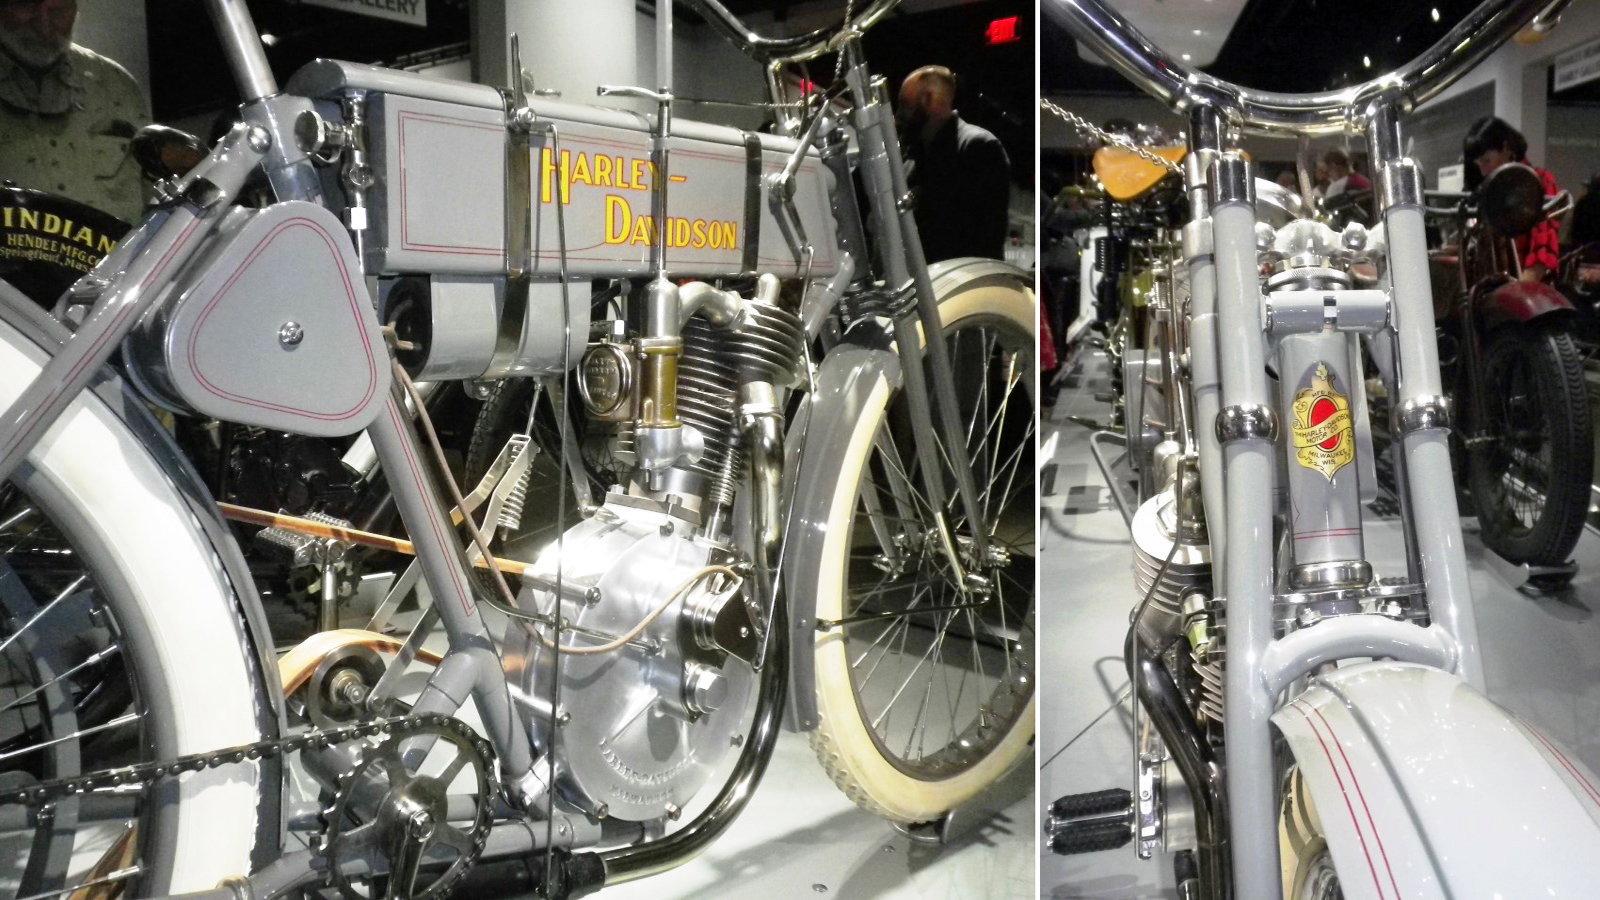 10 Great Bikes From Petersen Museum S Harley Vs Indian Exhibit